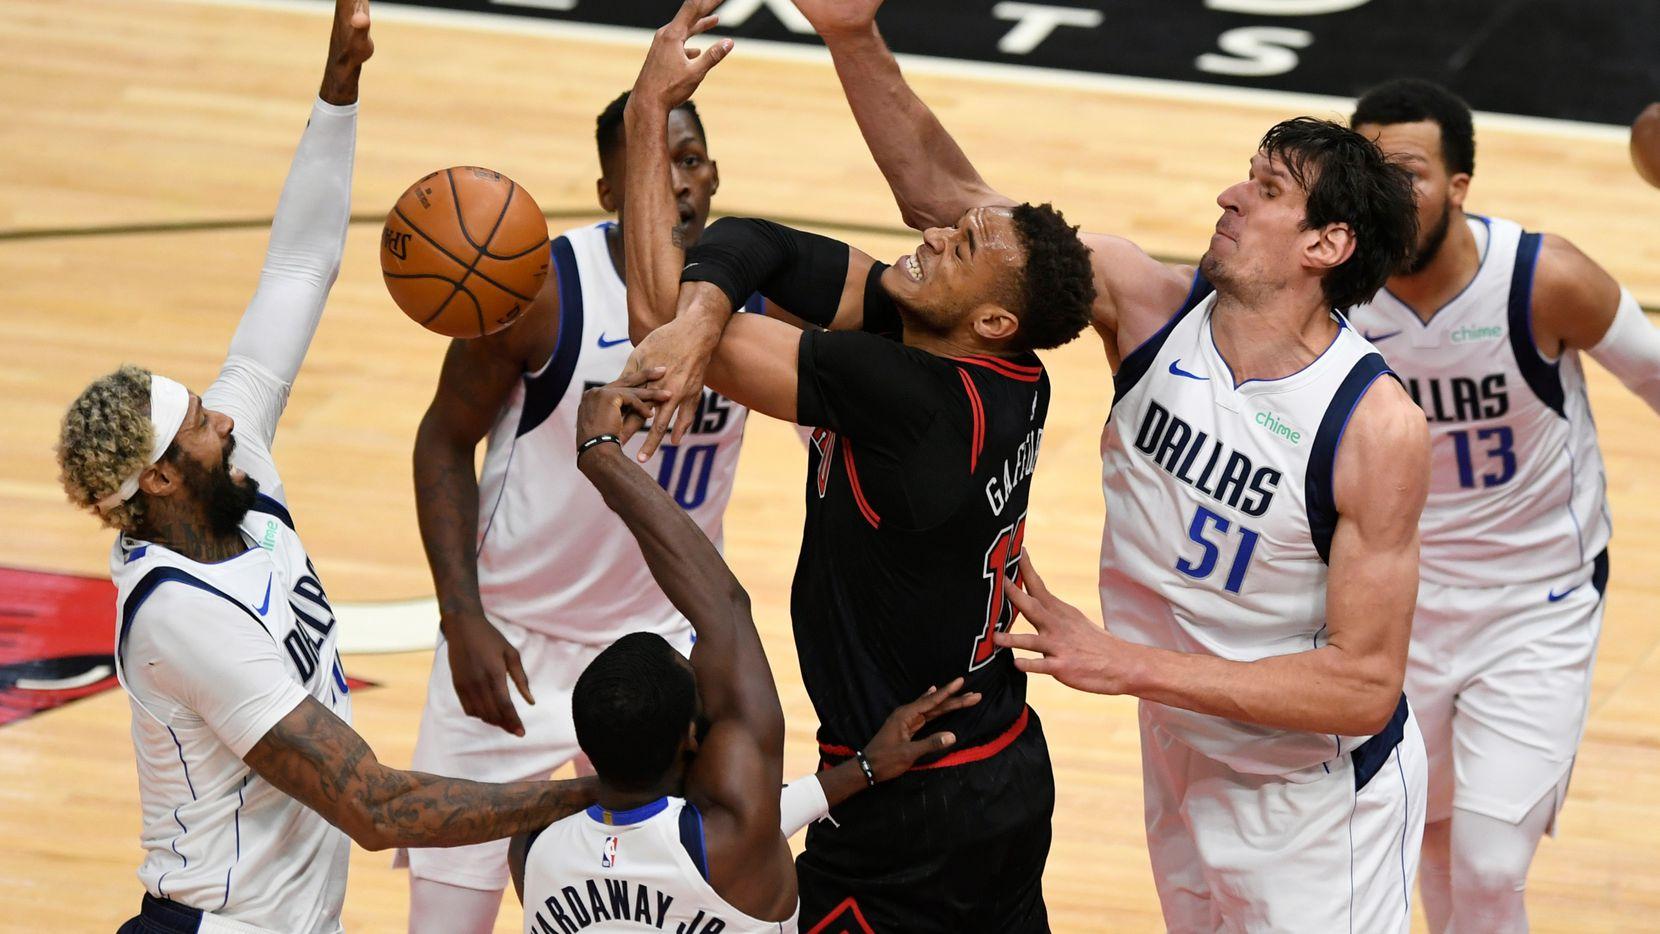 Cuatro integrantes de los Dallas Mavericks rodean al jugador de los Chicago Bulls, Garrett Temple (17), durante el partido del 3 de enero de 2020 en Chicago.